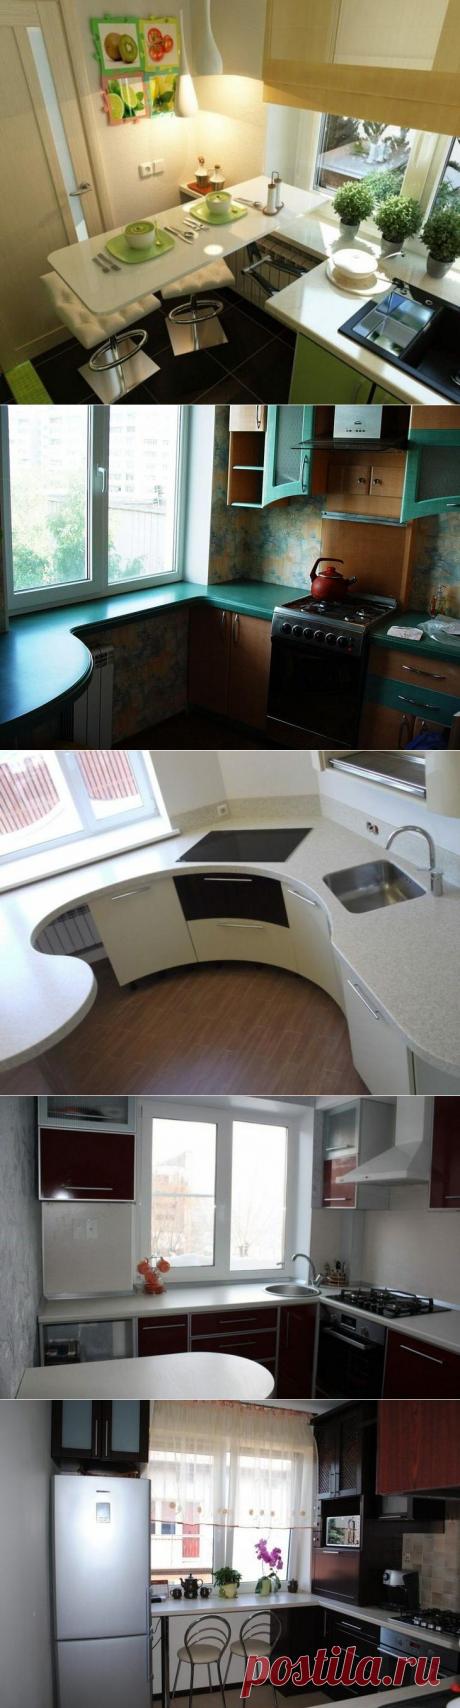 Идеи для обустройства функционального подоконника на маленькой кухне